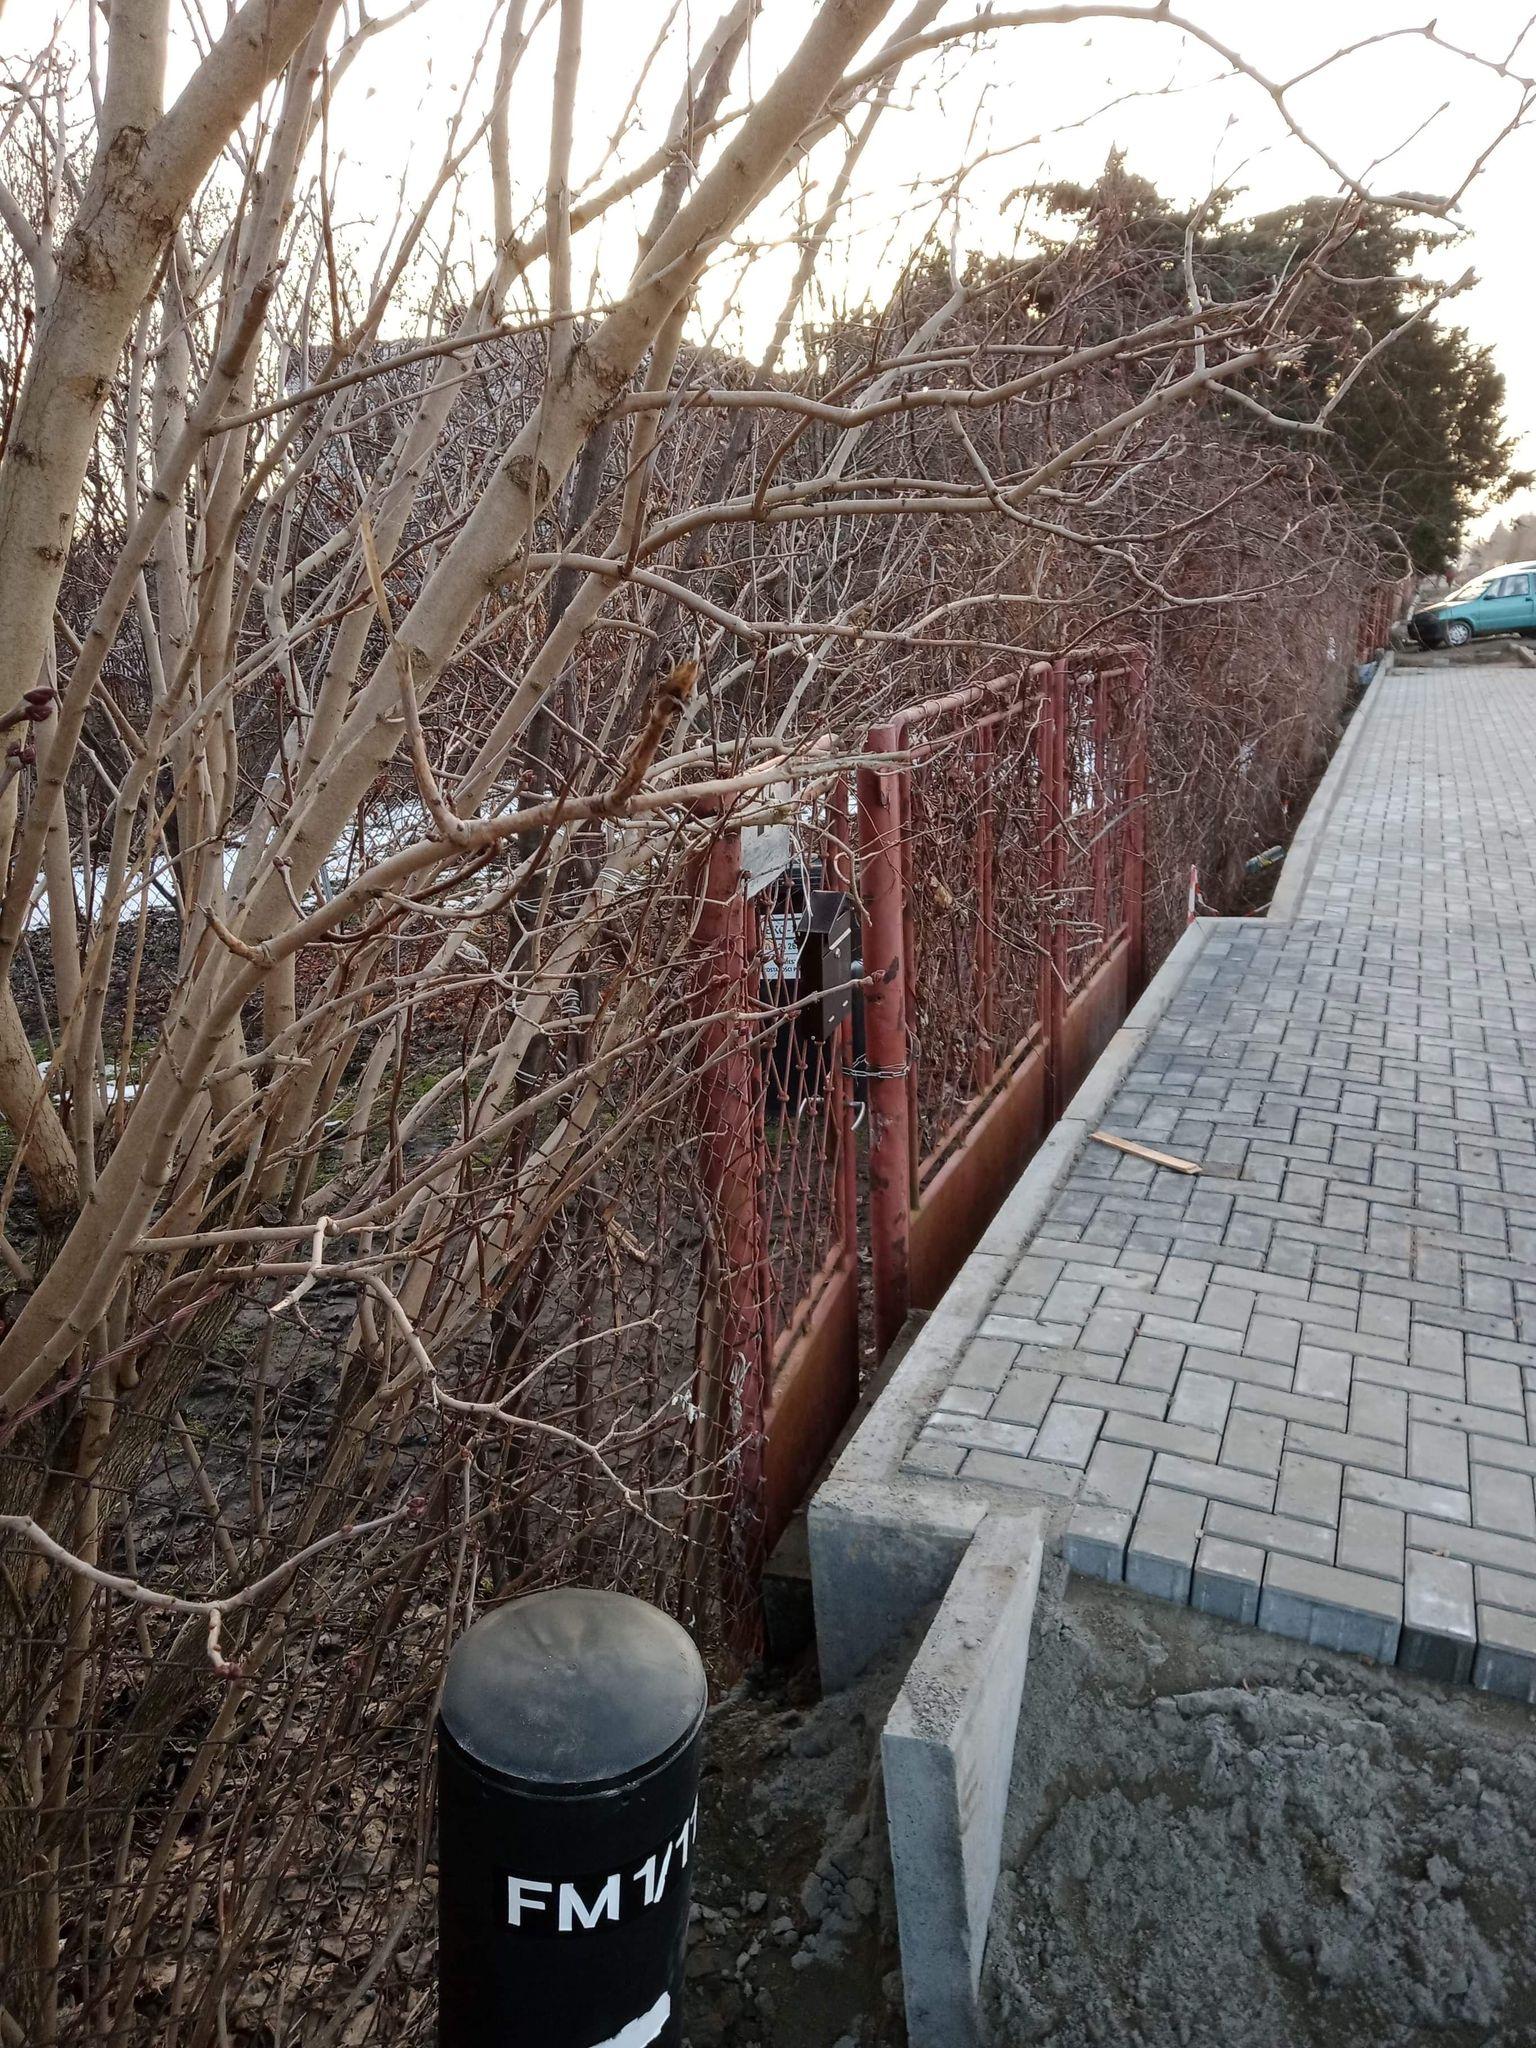 Sesja rady miasta: zamiana działek,  dotacje na przyłącza kanalizacyjne w ul. Boryszewskiej, kasa na remont SP 17 - Zdjęcie główne